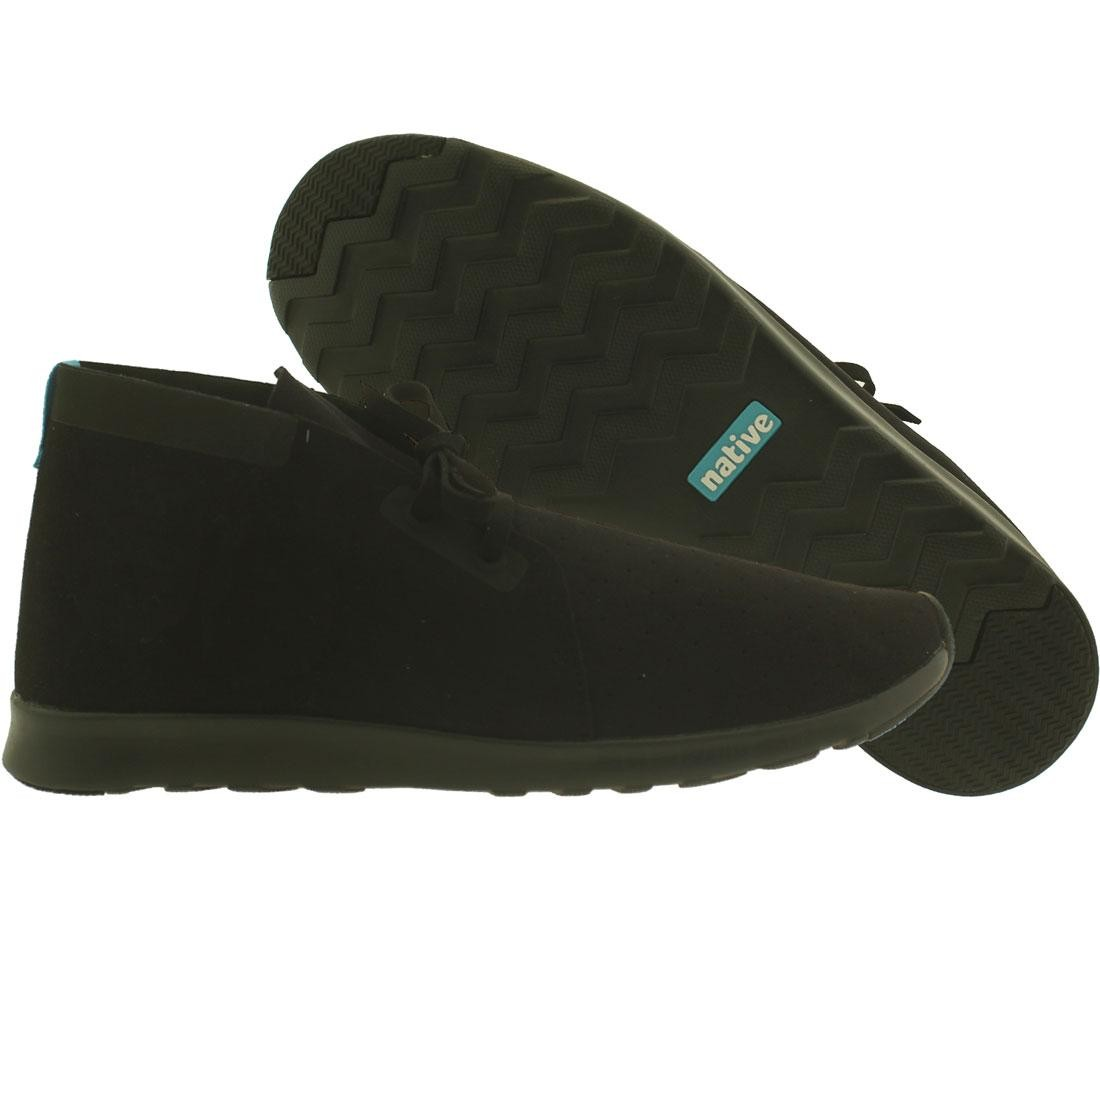 【海外限定】ネイティブ チャッカ 靴 メンズ靴 【 NATIVE MEN APOLLO CHUKKA BLACK JIFFY 】